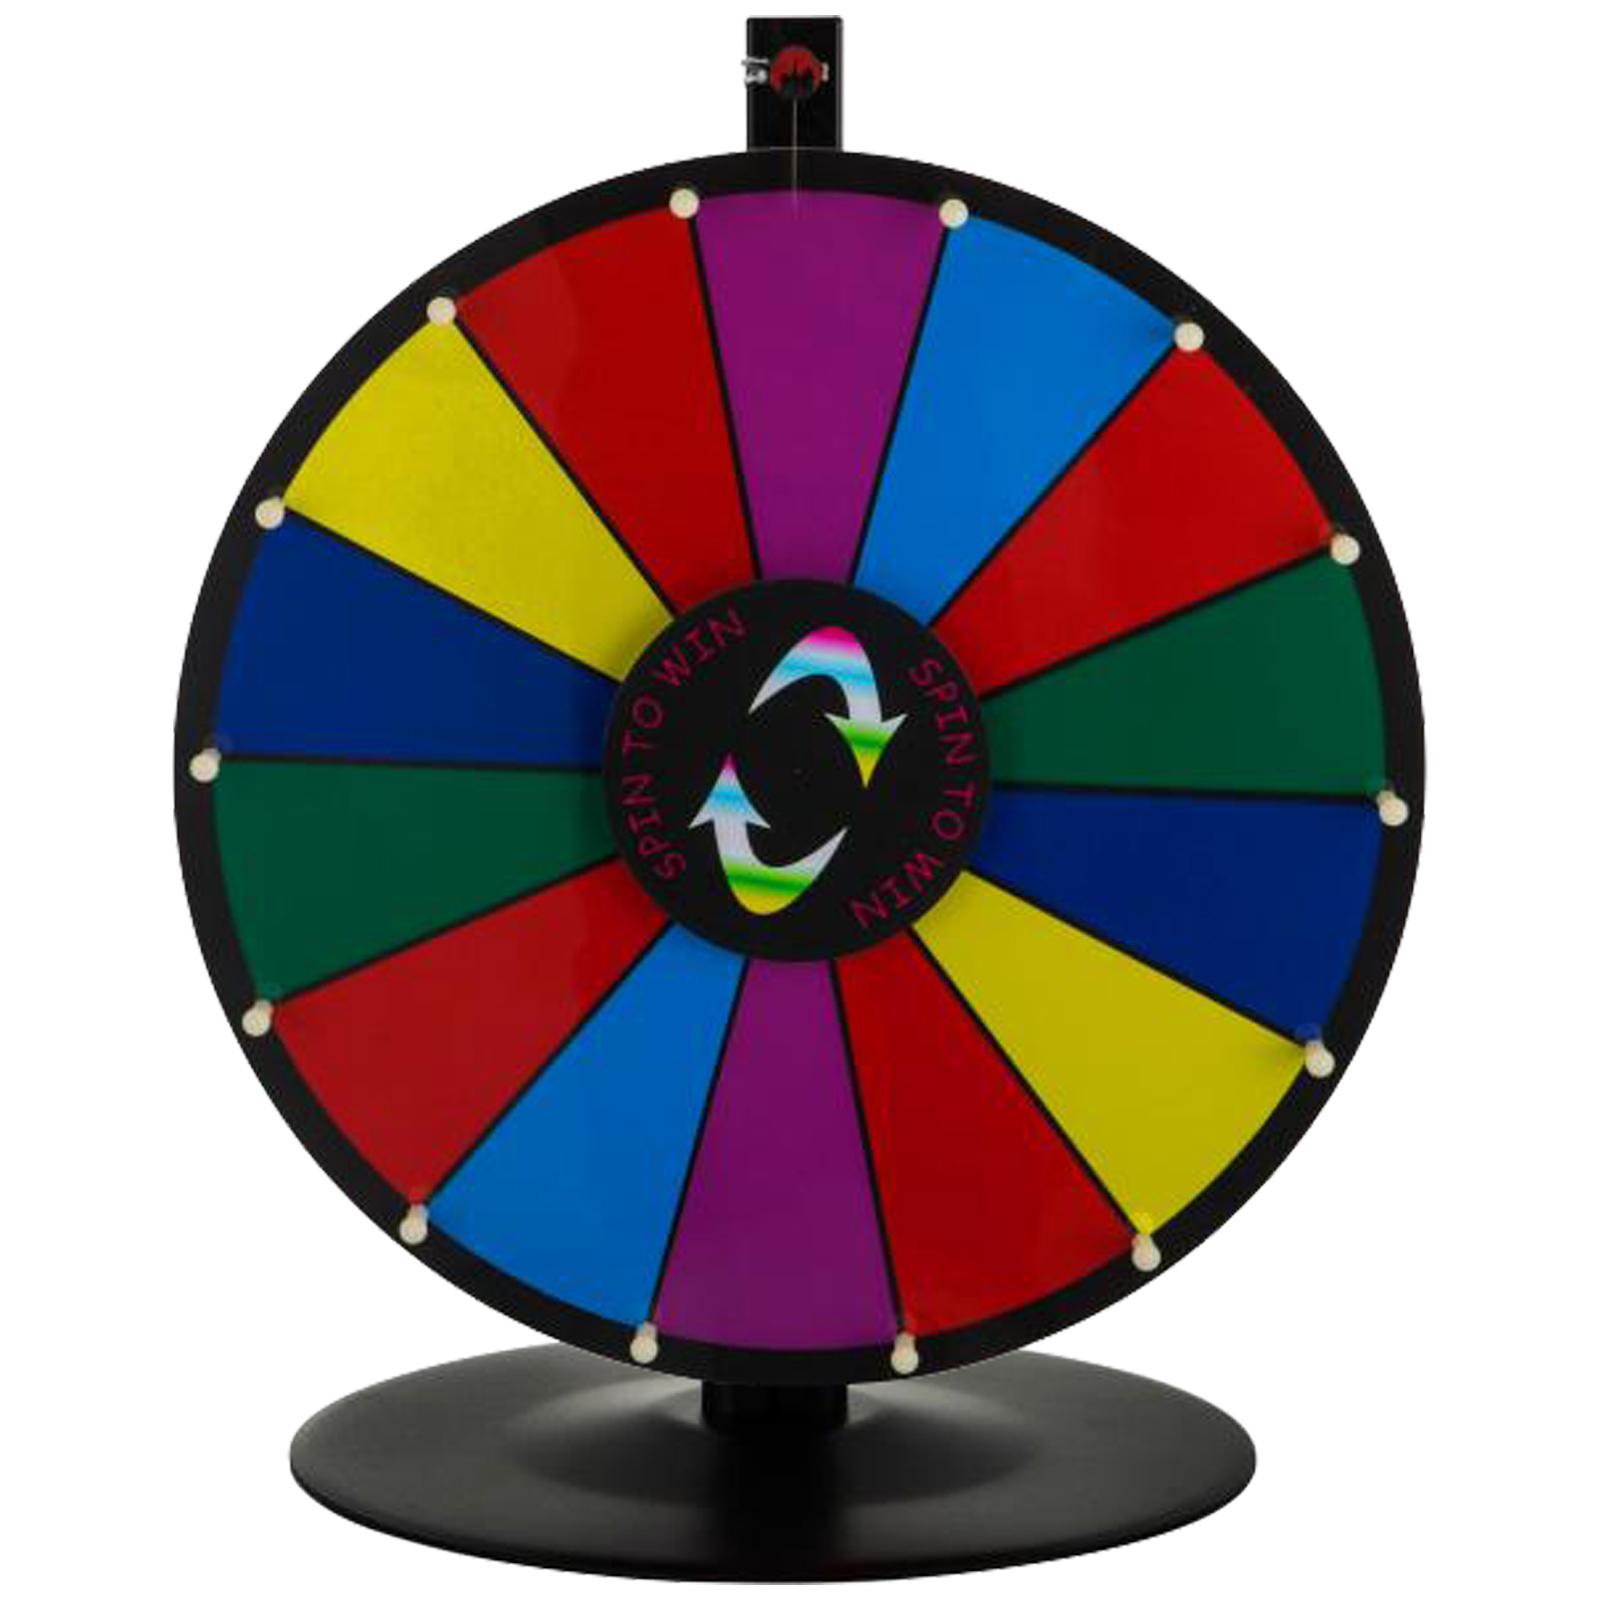 24-18-15-Ruota-Della-Fortuna-di-Colore-14-Slots-Gioco-Spin-Con-Supporto-Festa miniatura 38